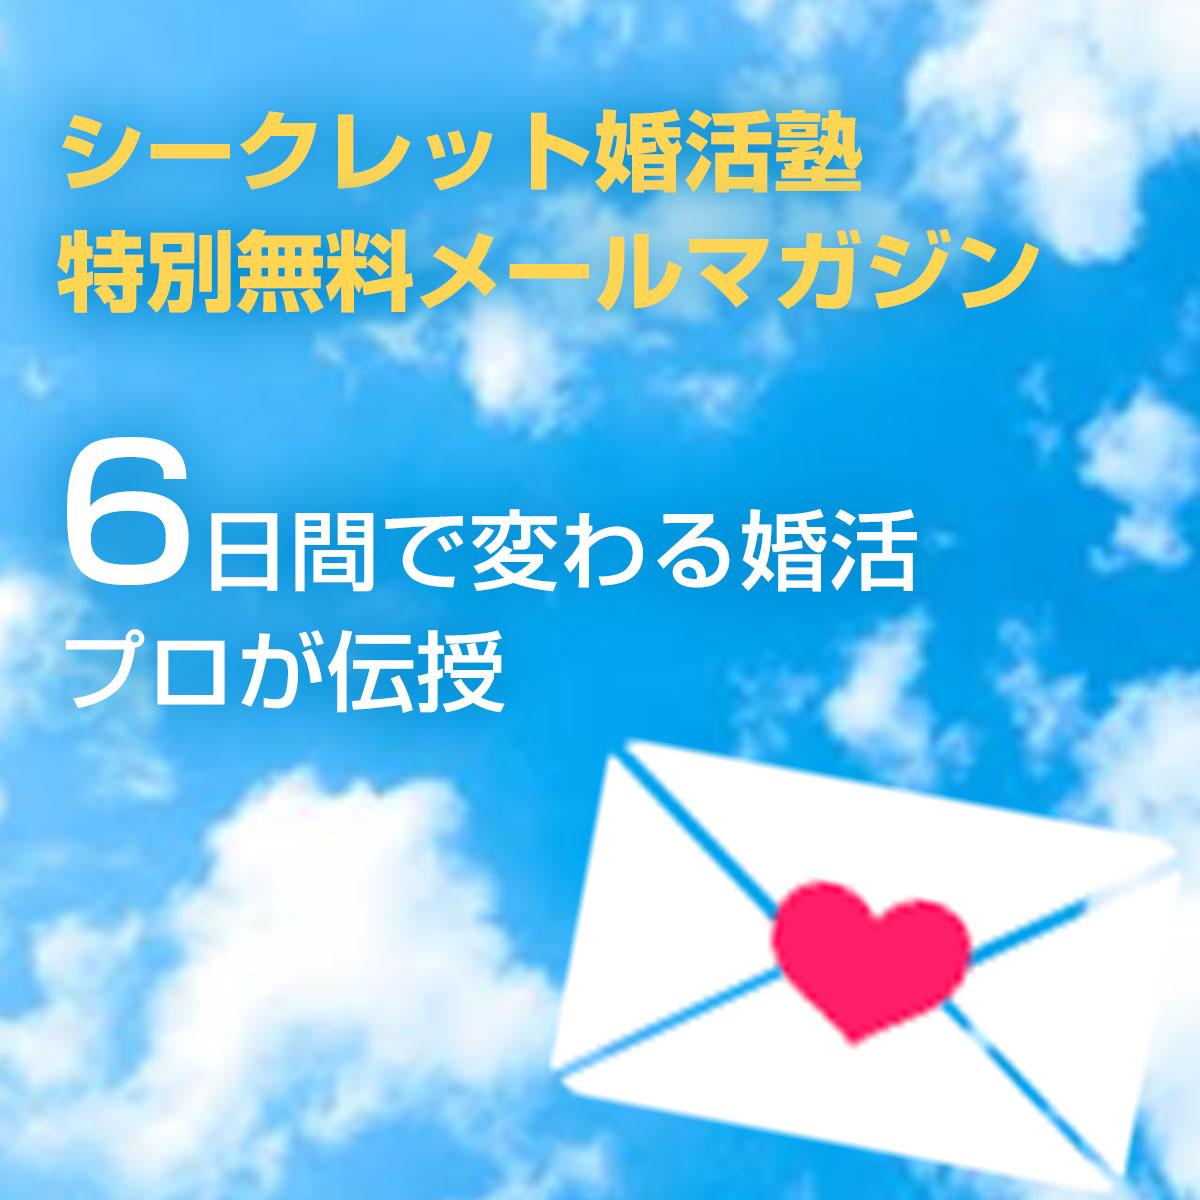 井上敬一のシークレット婚活塾特別無料メールマガジン